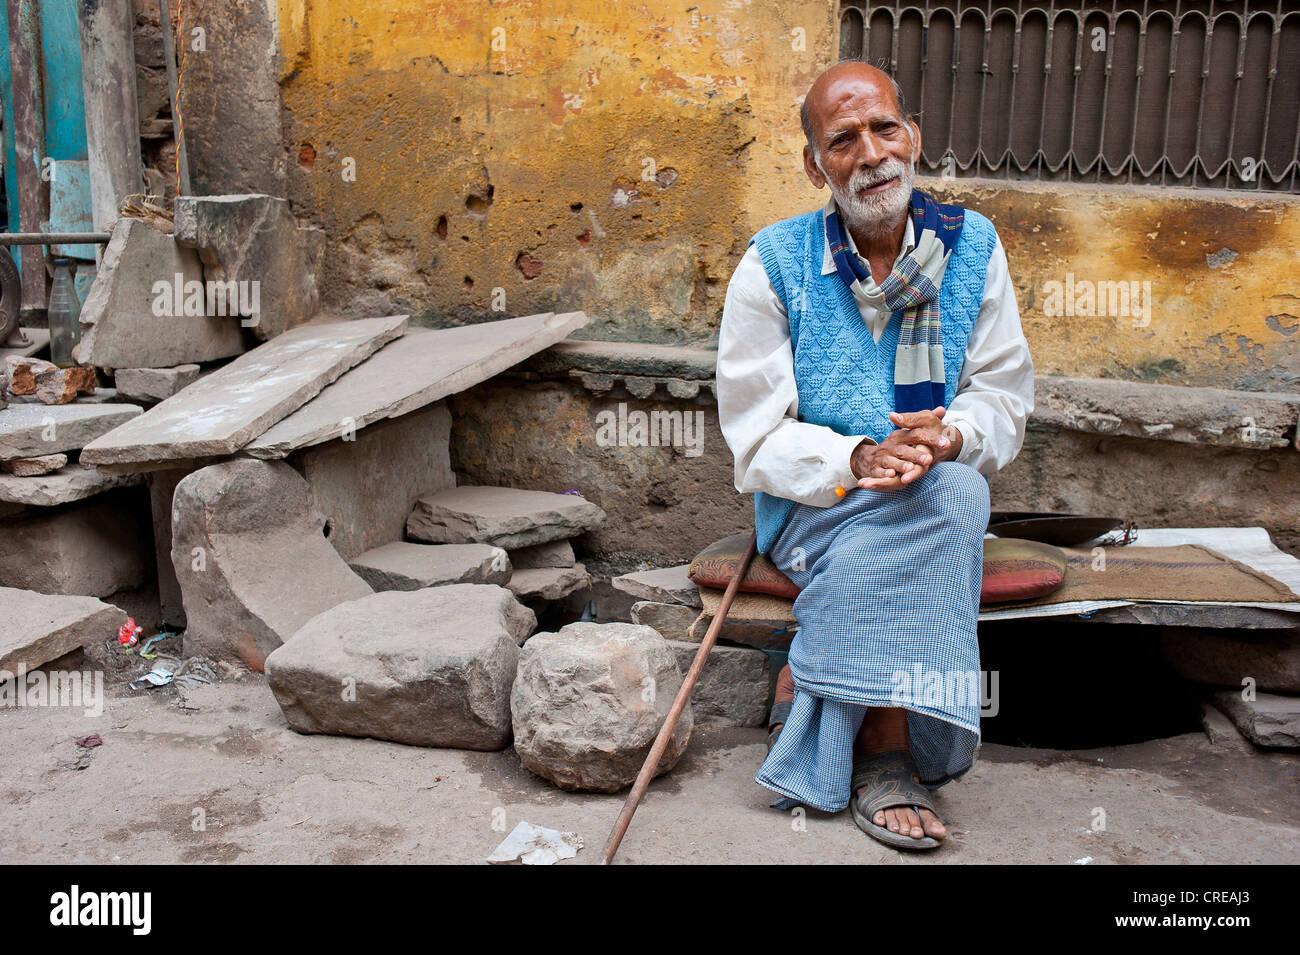 Anziani uomo indiano, del Rajasthan, seduta su una panchina in pietra con cuscini di fronte a una casa di riposo Immagini Stock